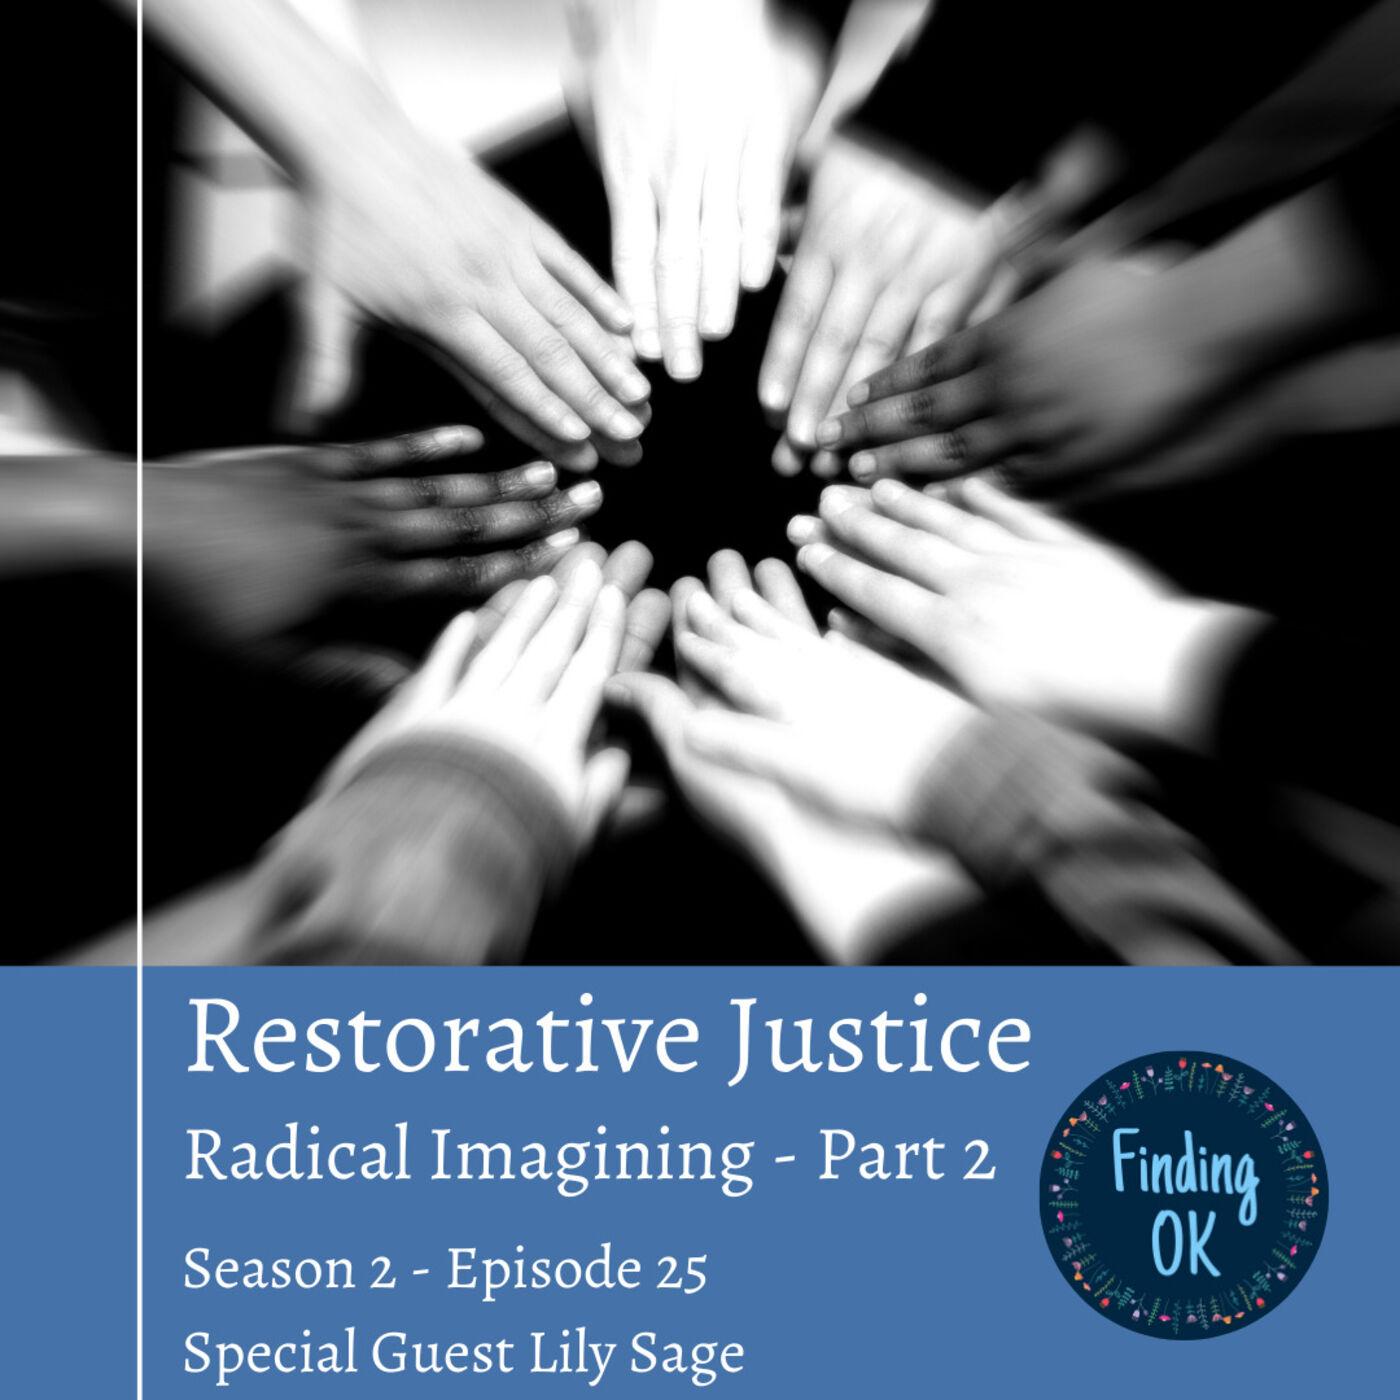 Restorative Justice - Radical Imagining - Part 2